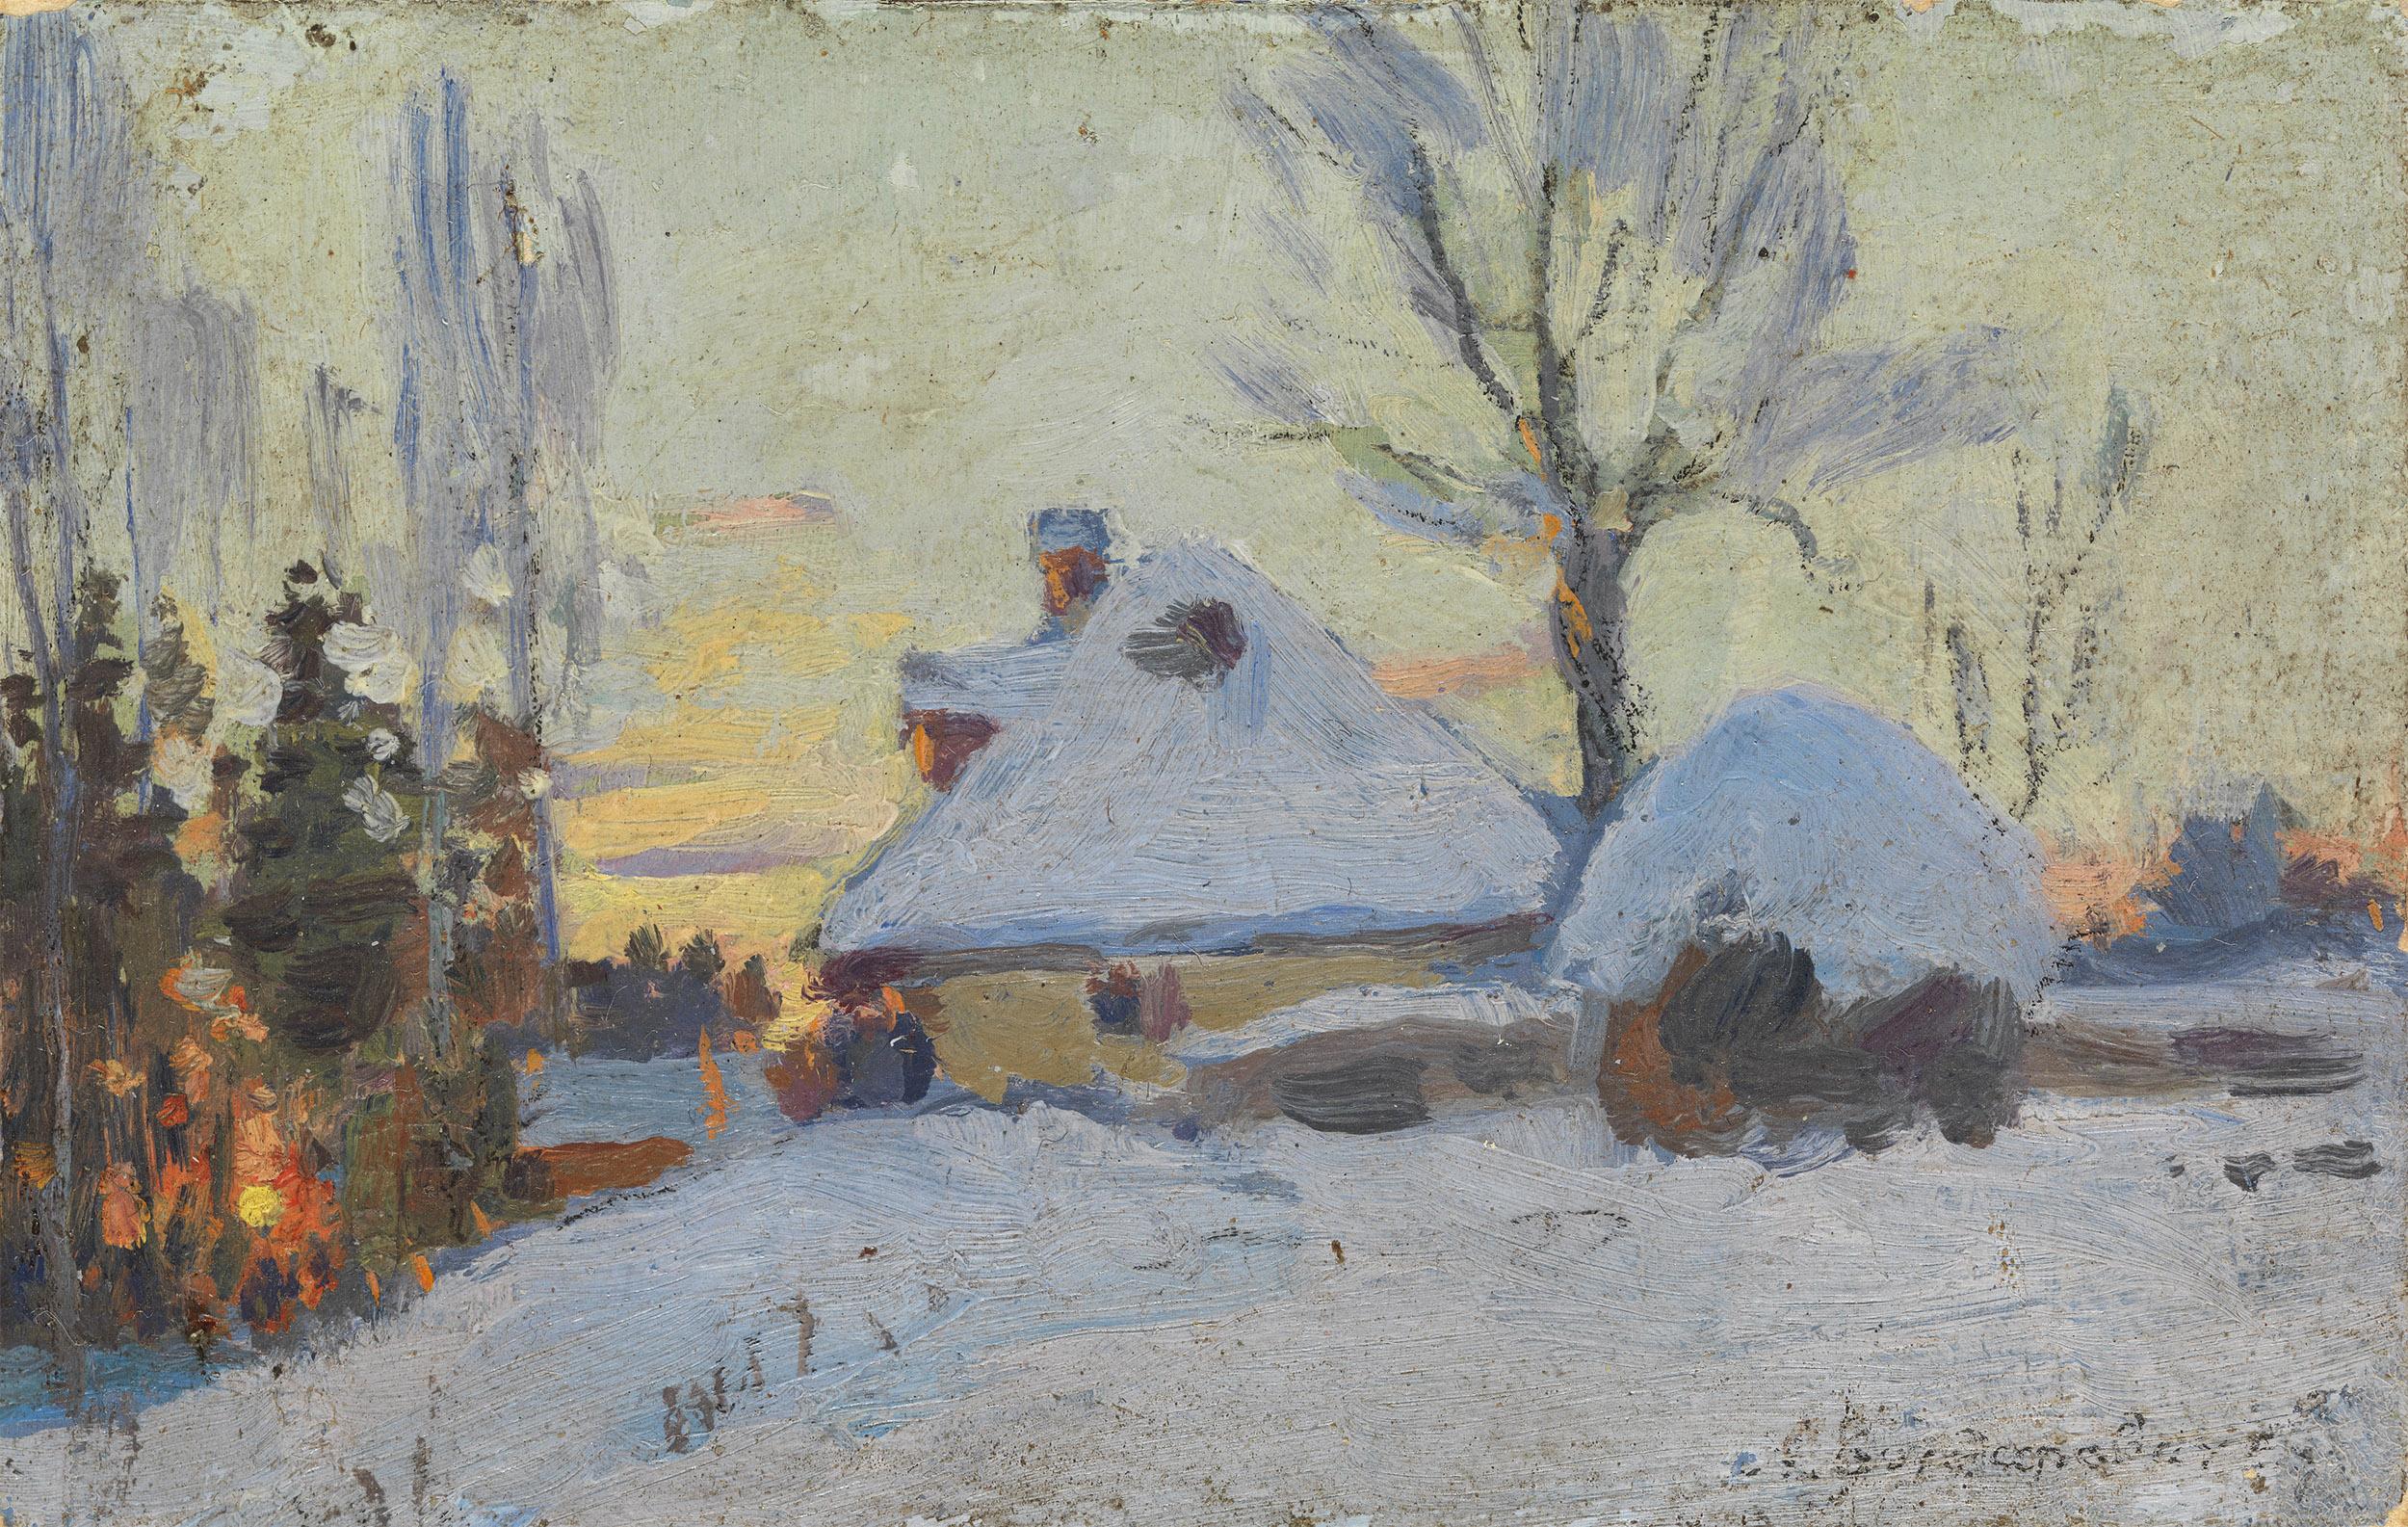 VASILKOVSKY, SERGEI  Winter Village at Sunset